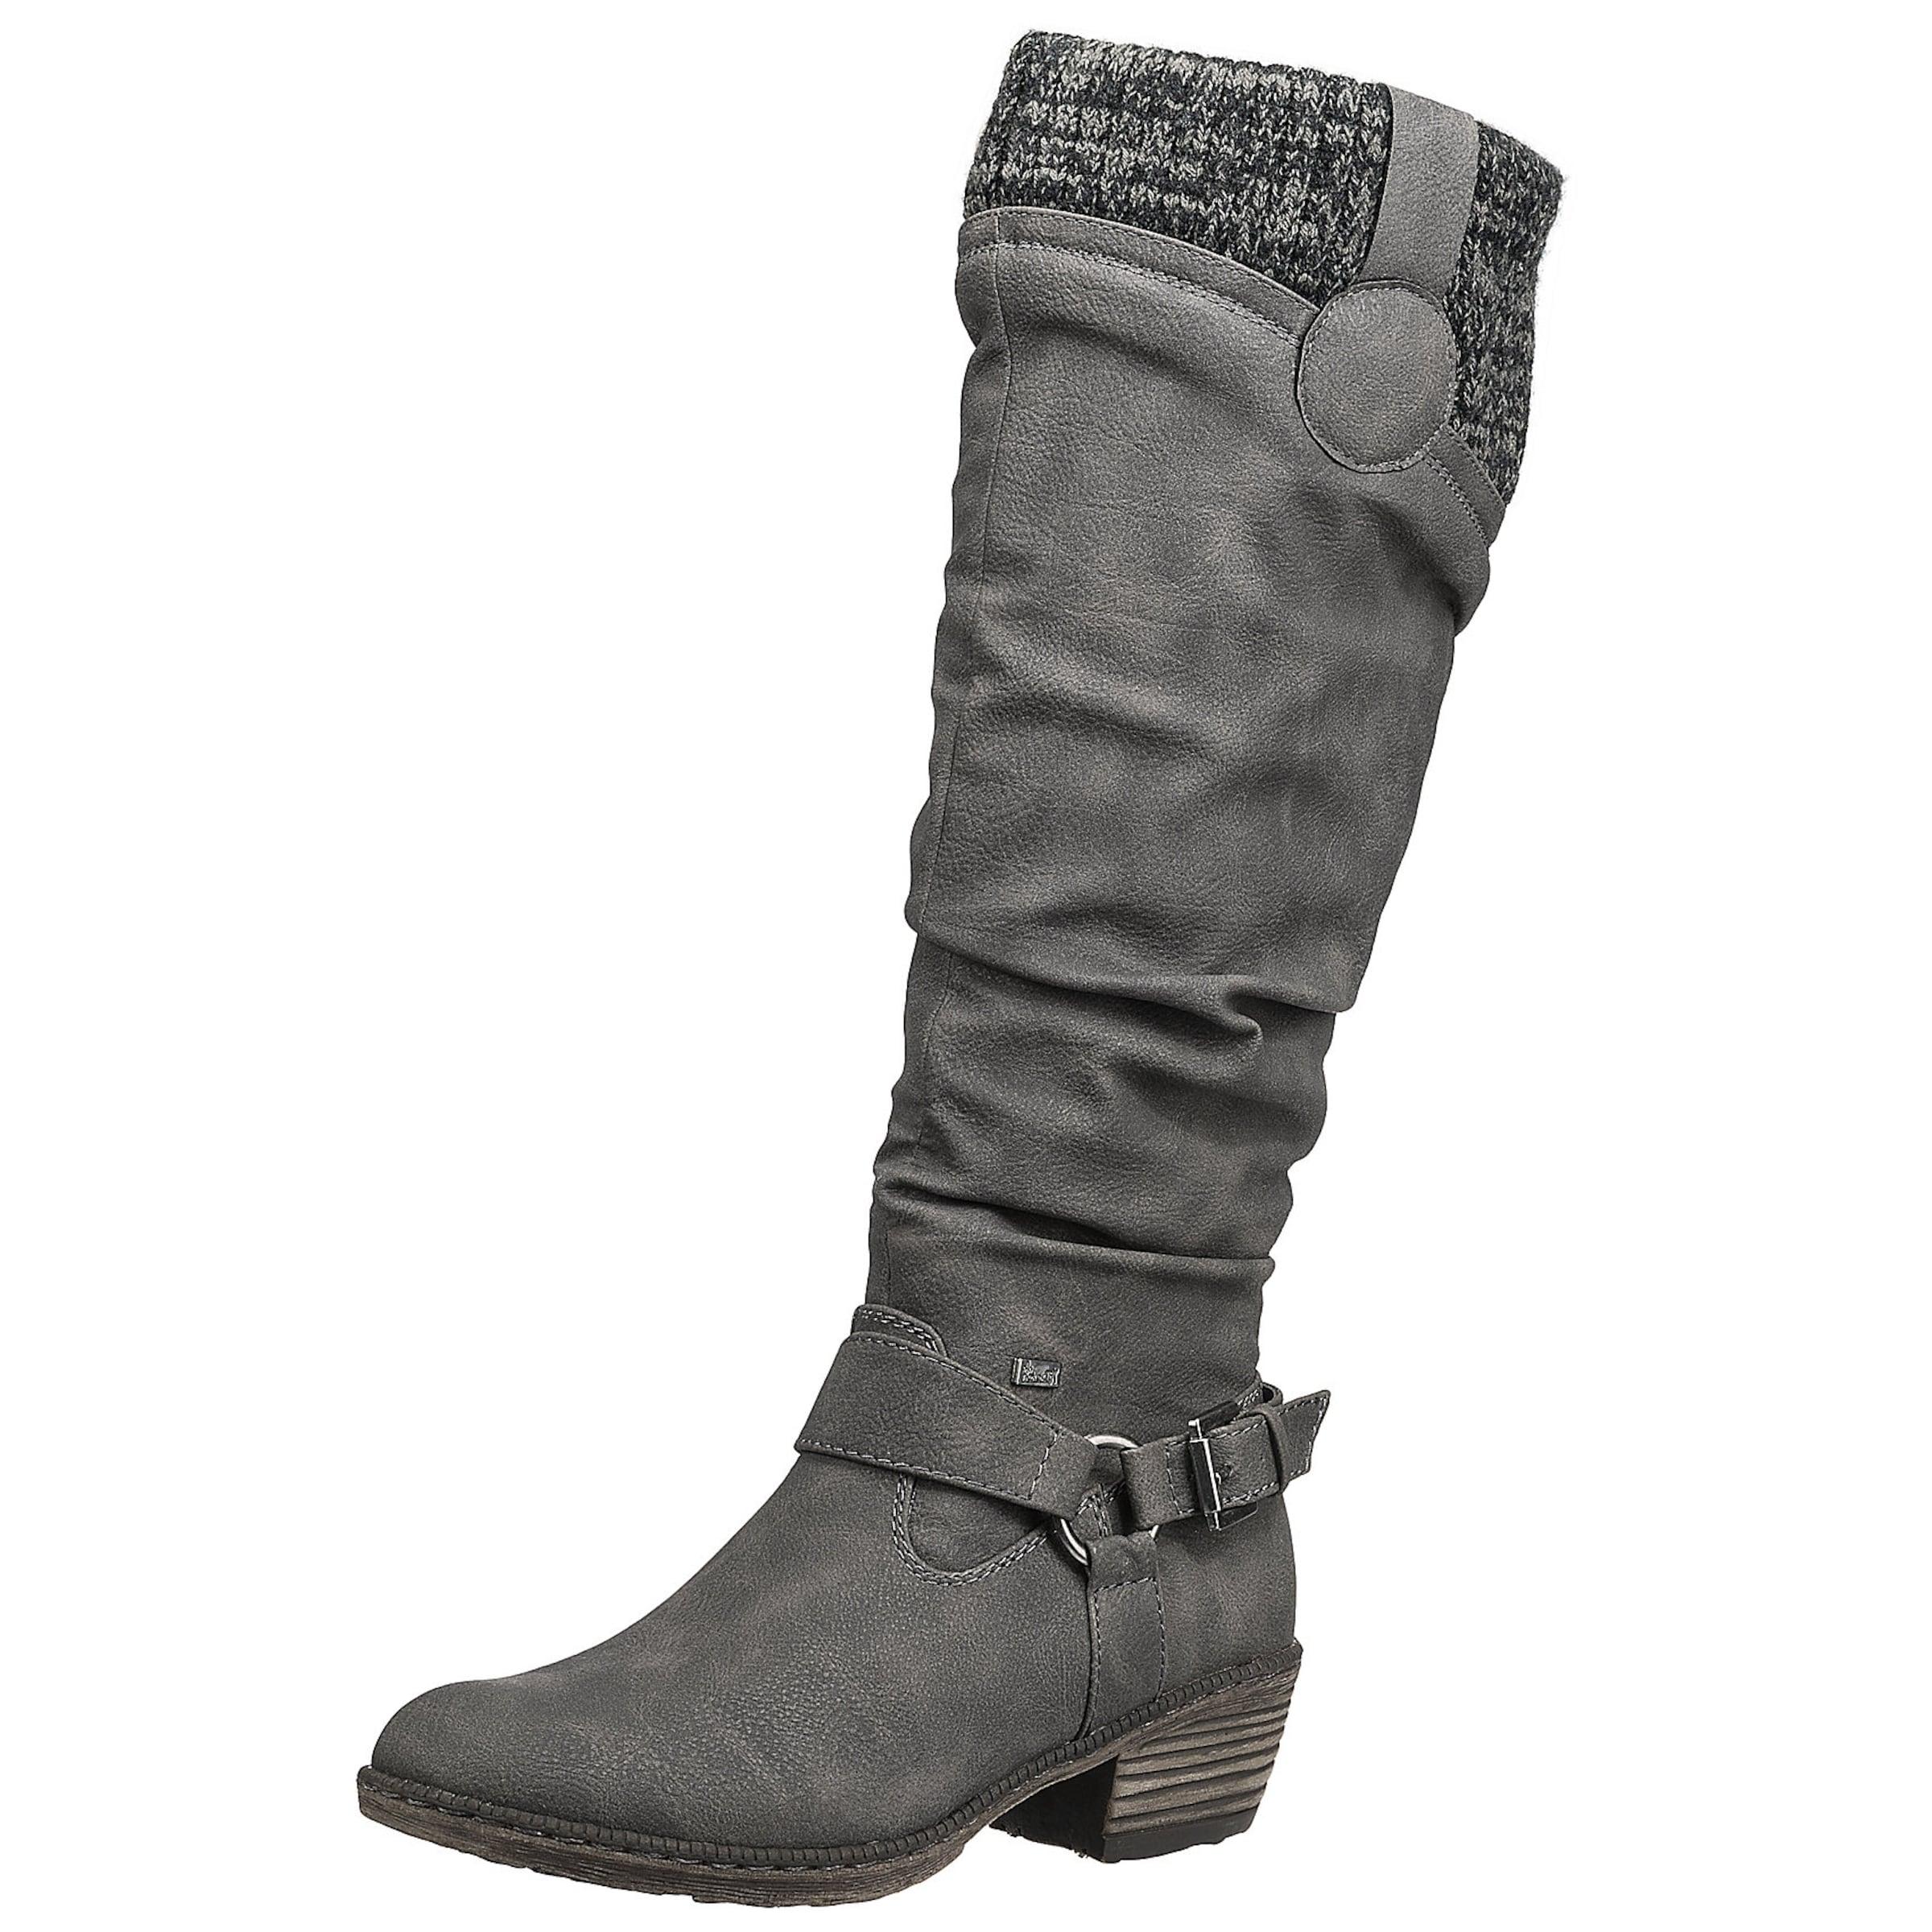 RIEKER Stiefel Verschleißfeste billige Schuhe Hohe Qualität